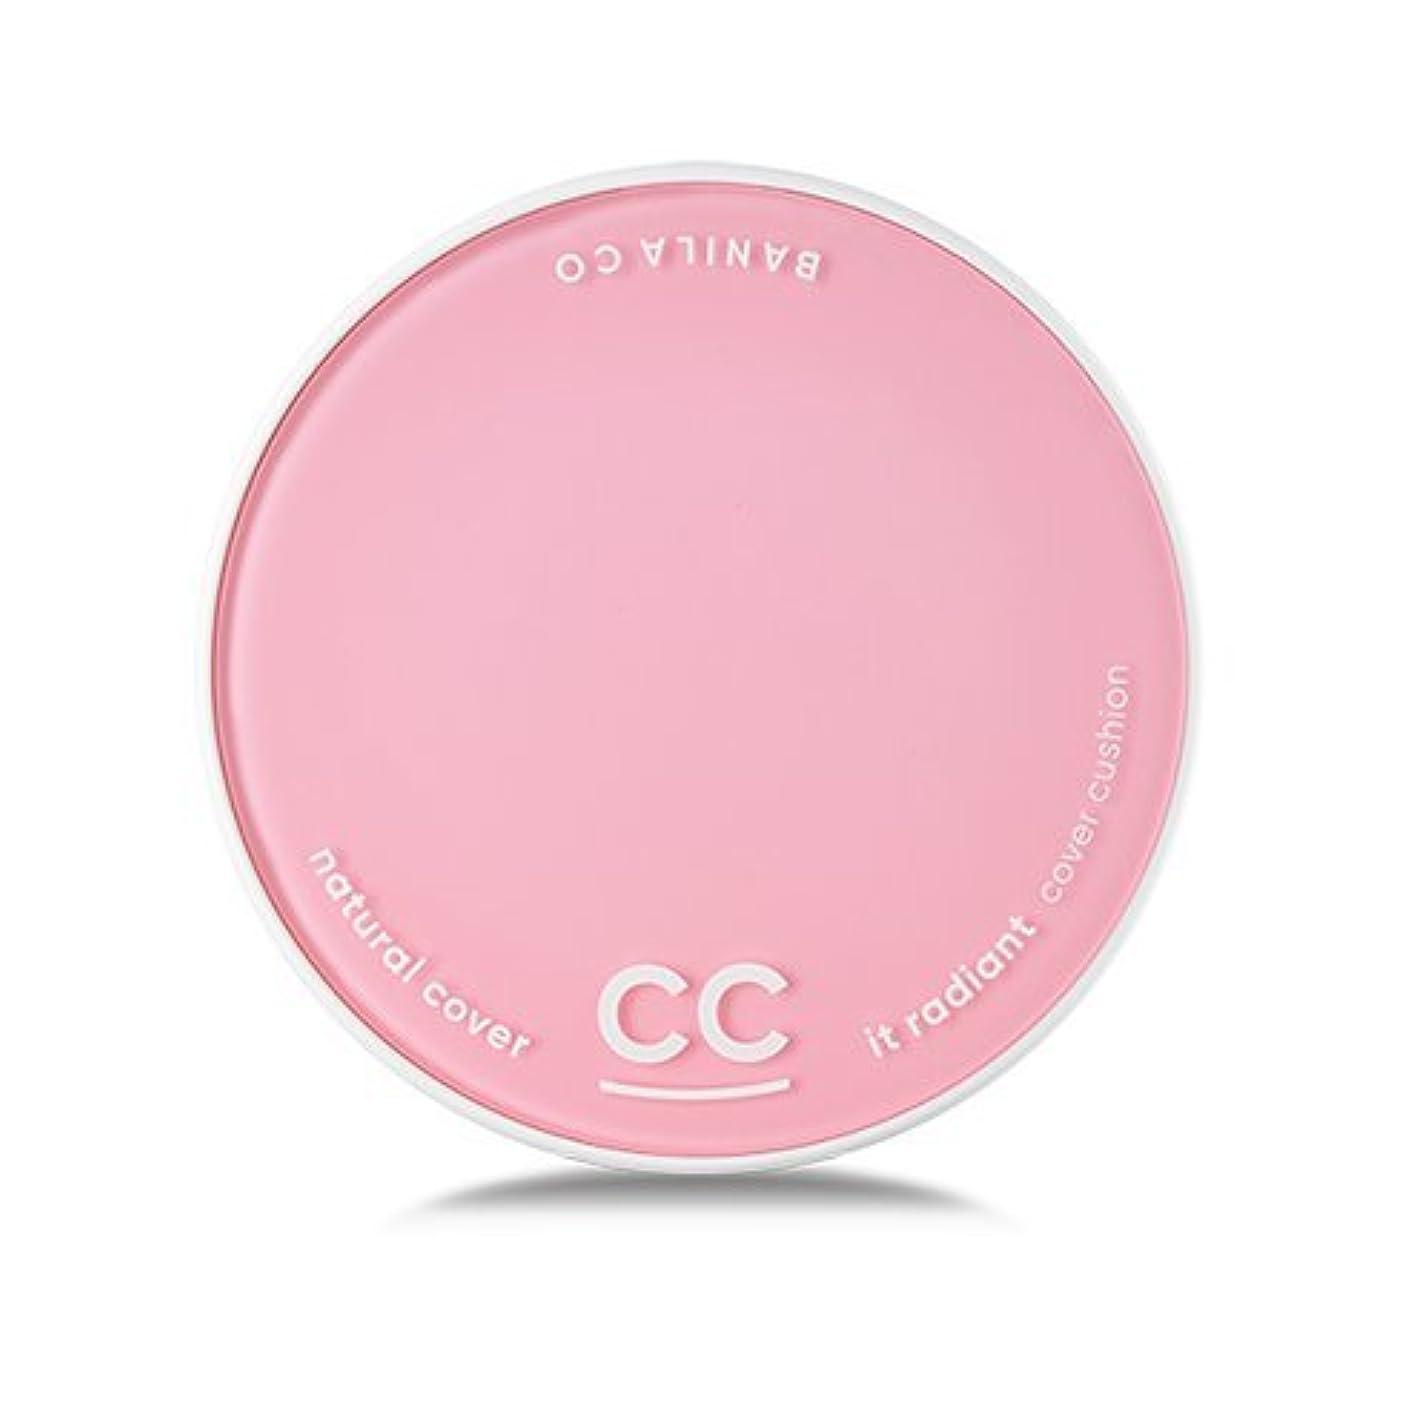 状態くま首謀者[Renewal] BANILA CO It Radiant CC Cover Cushion 12g + Refill 12g/バニラコ イット ラディアント CC カバー クッション 12g + リフィル 12g (...